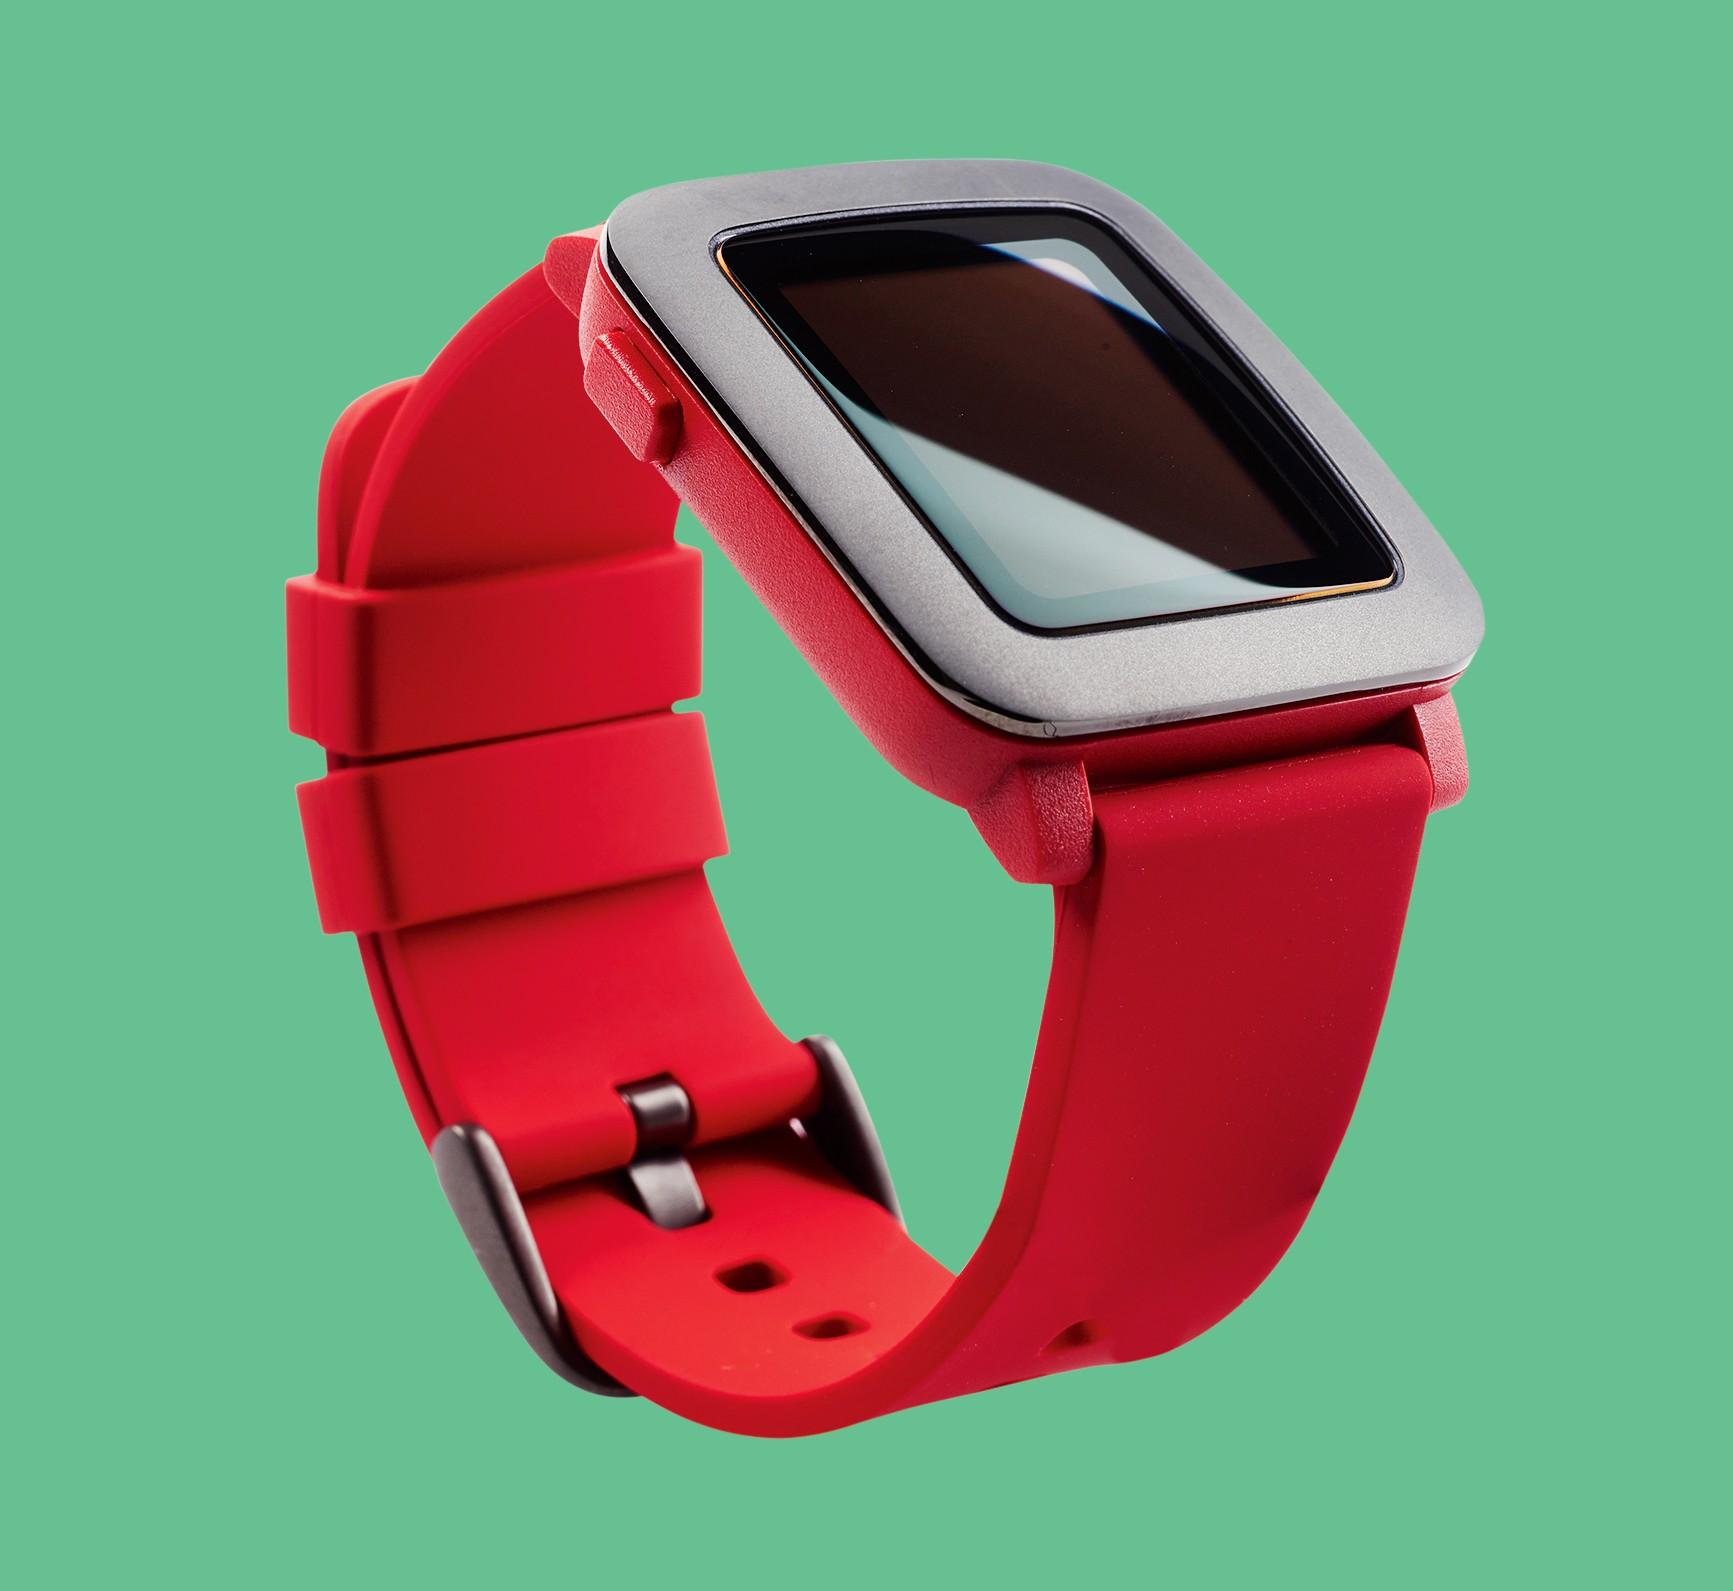 Wyświetlacz smartwatcha jest chroniony przed zarysowaniami przez warstwę szkła Corning Gorilla Glass.